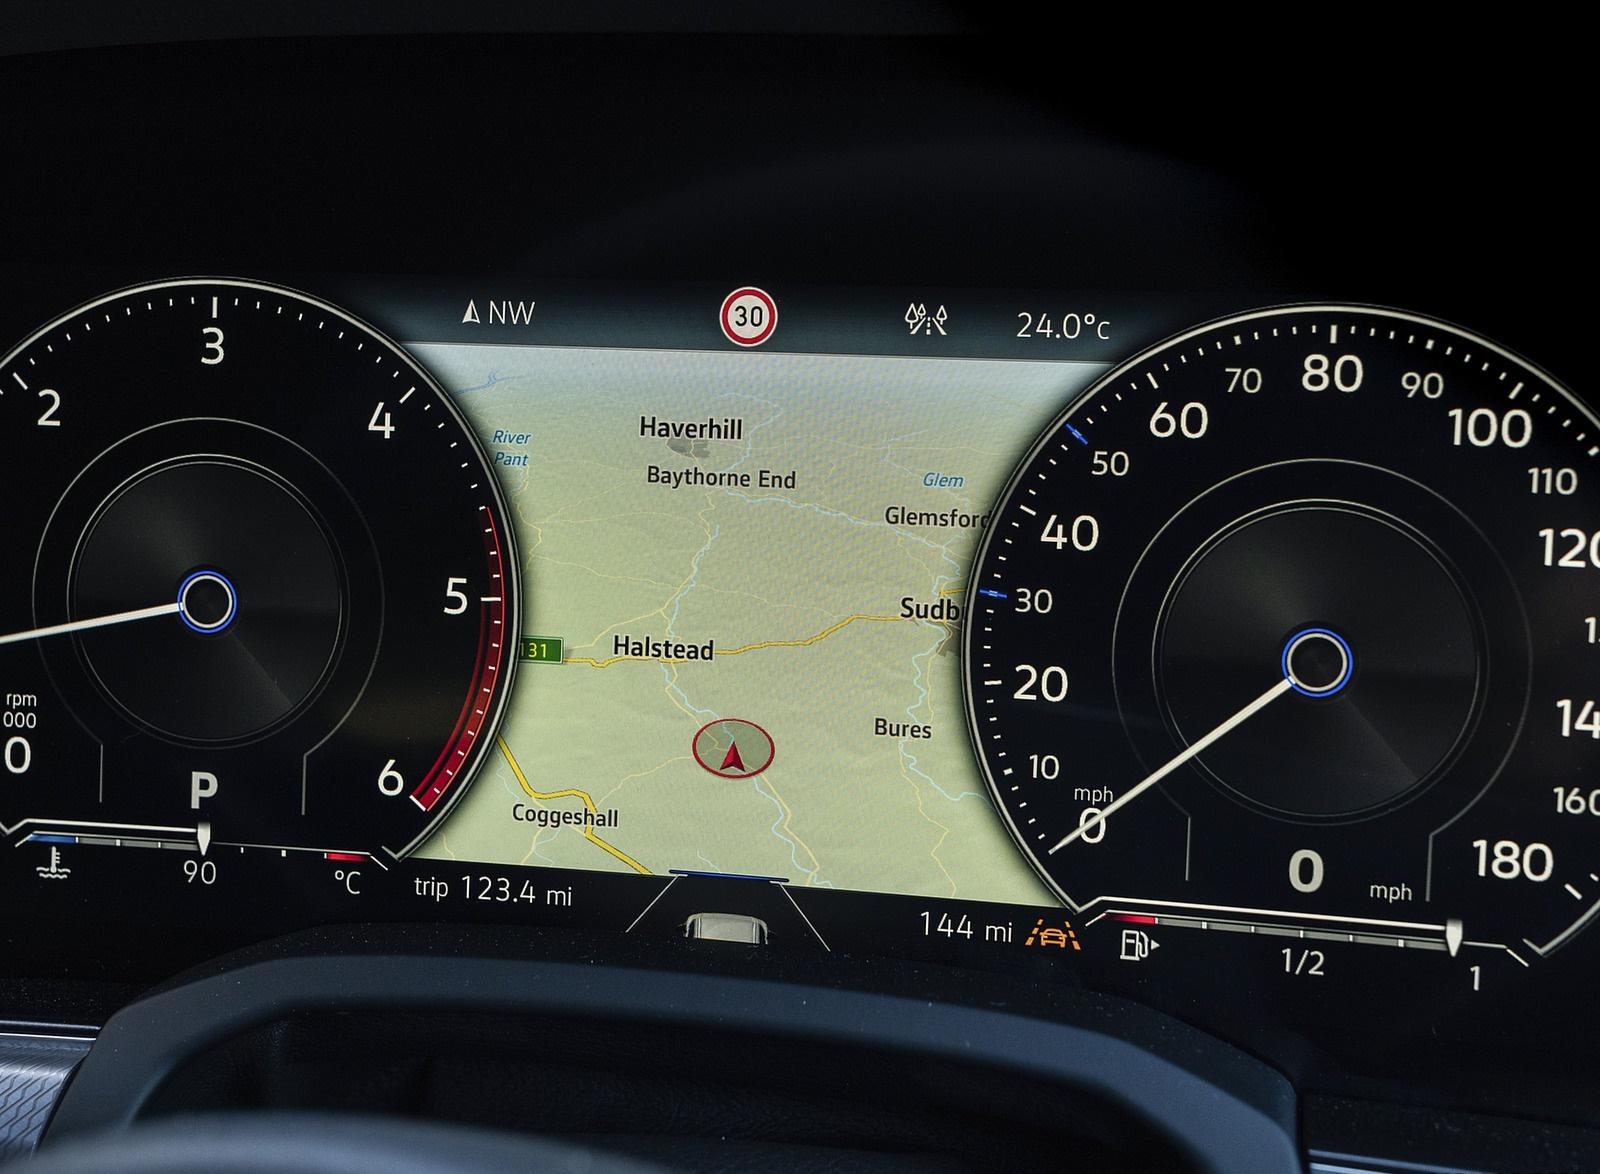 2019 Volkswagen Touareg V6 TDI R-Line (UK-Spec) Digital Instrument Cluster Wallpapers #39 of 43